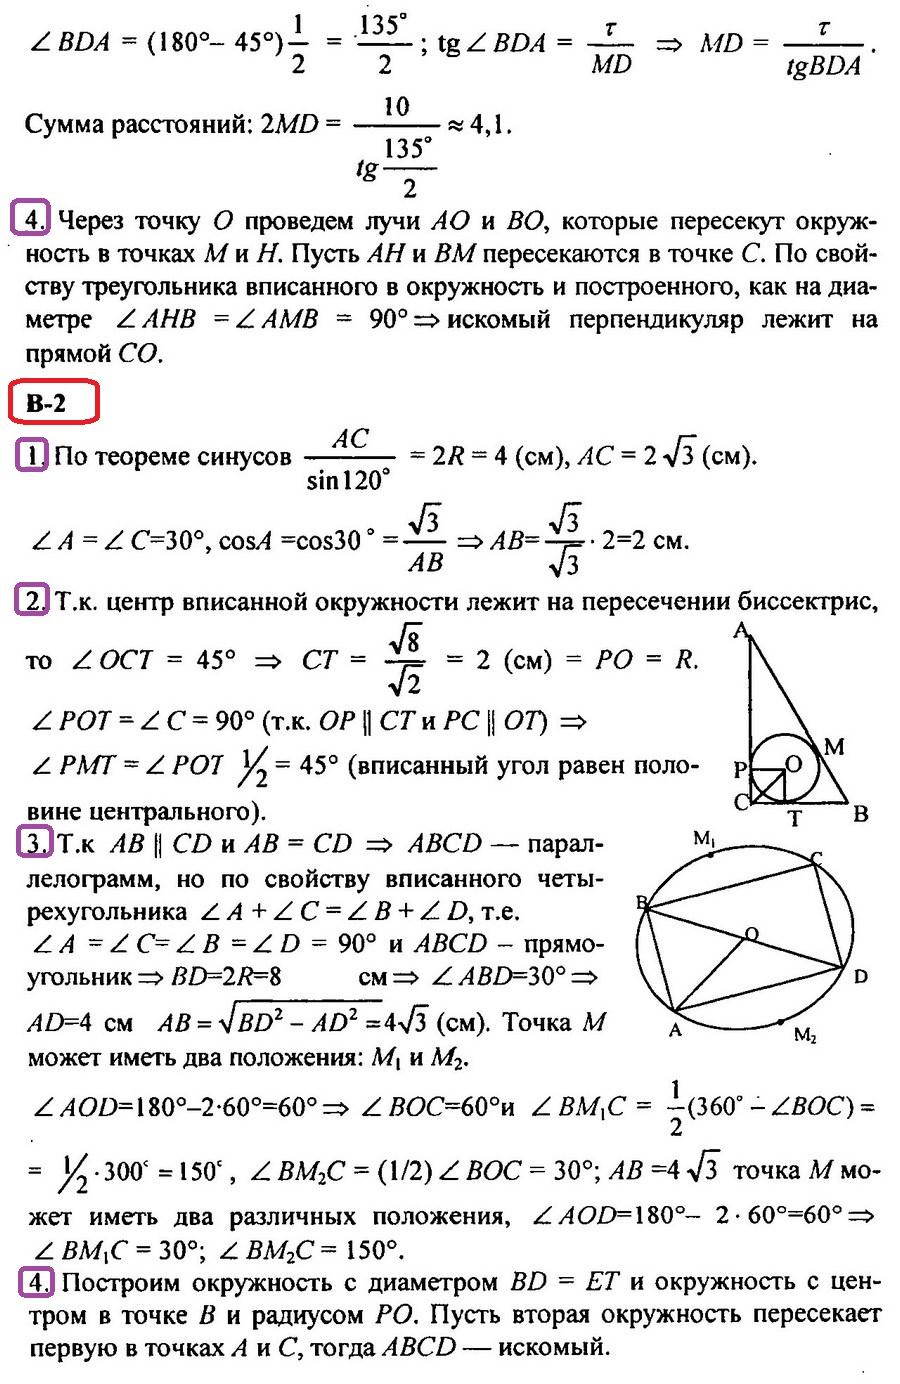 Контрольная работа по геометрии 8 класс. Окружность (Атанасян)